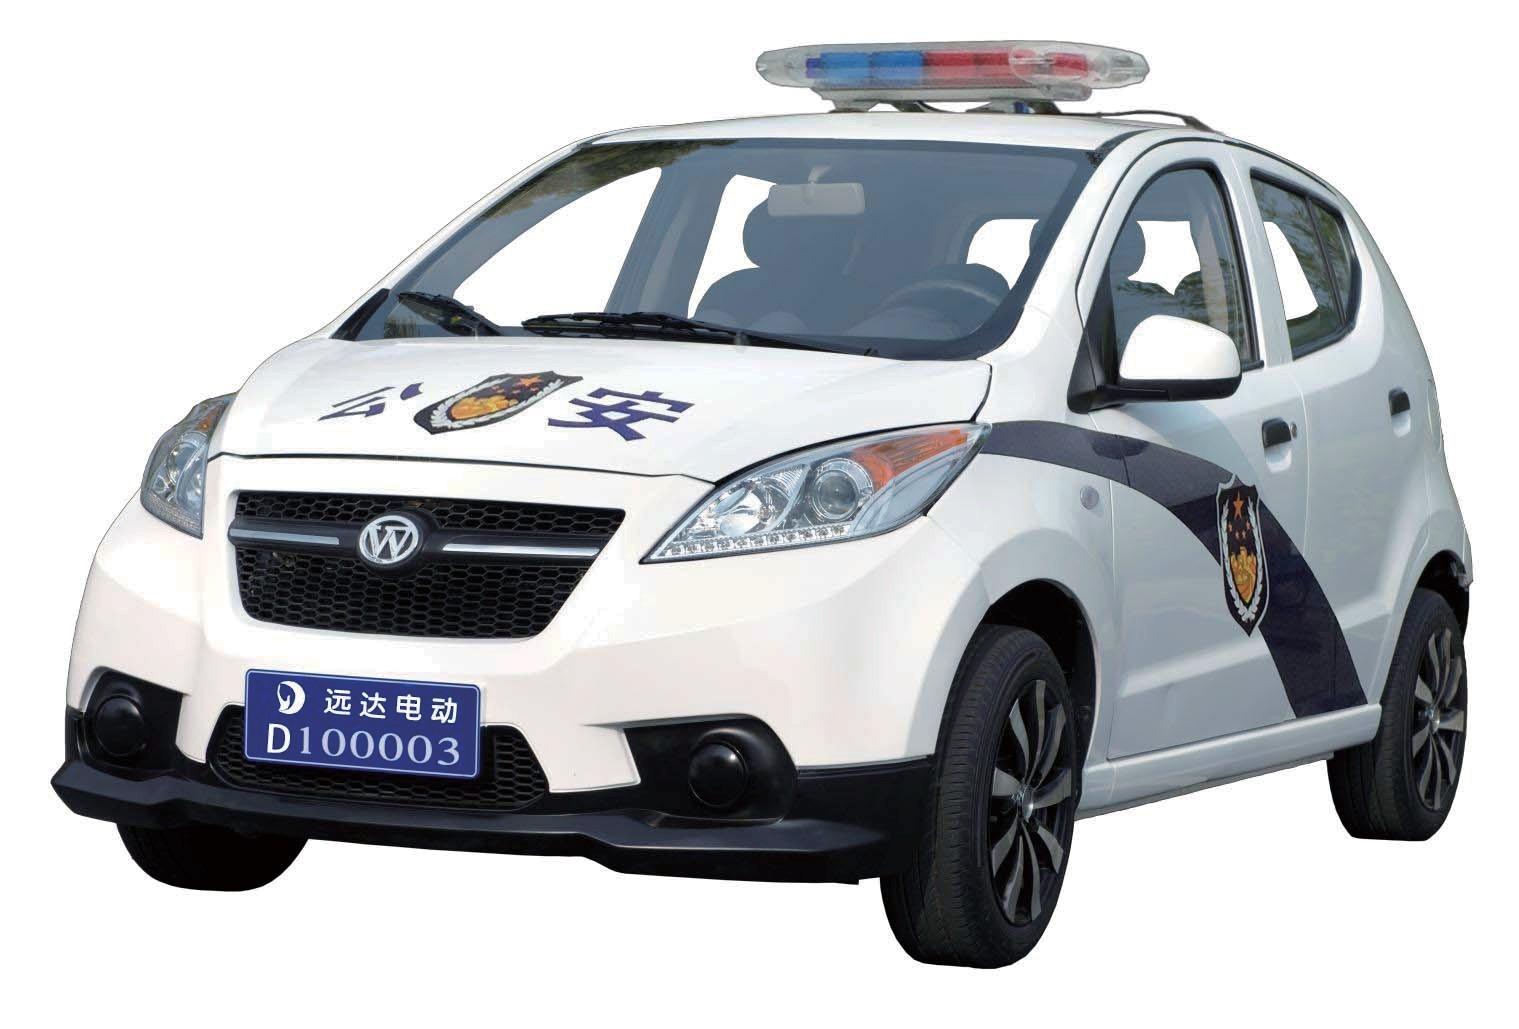 五座轿车式警务巡逻车YD4GG005A1